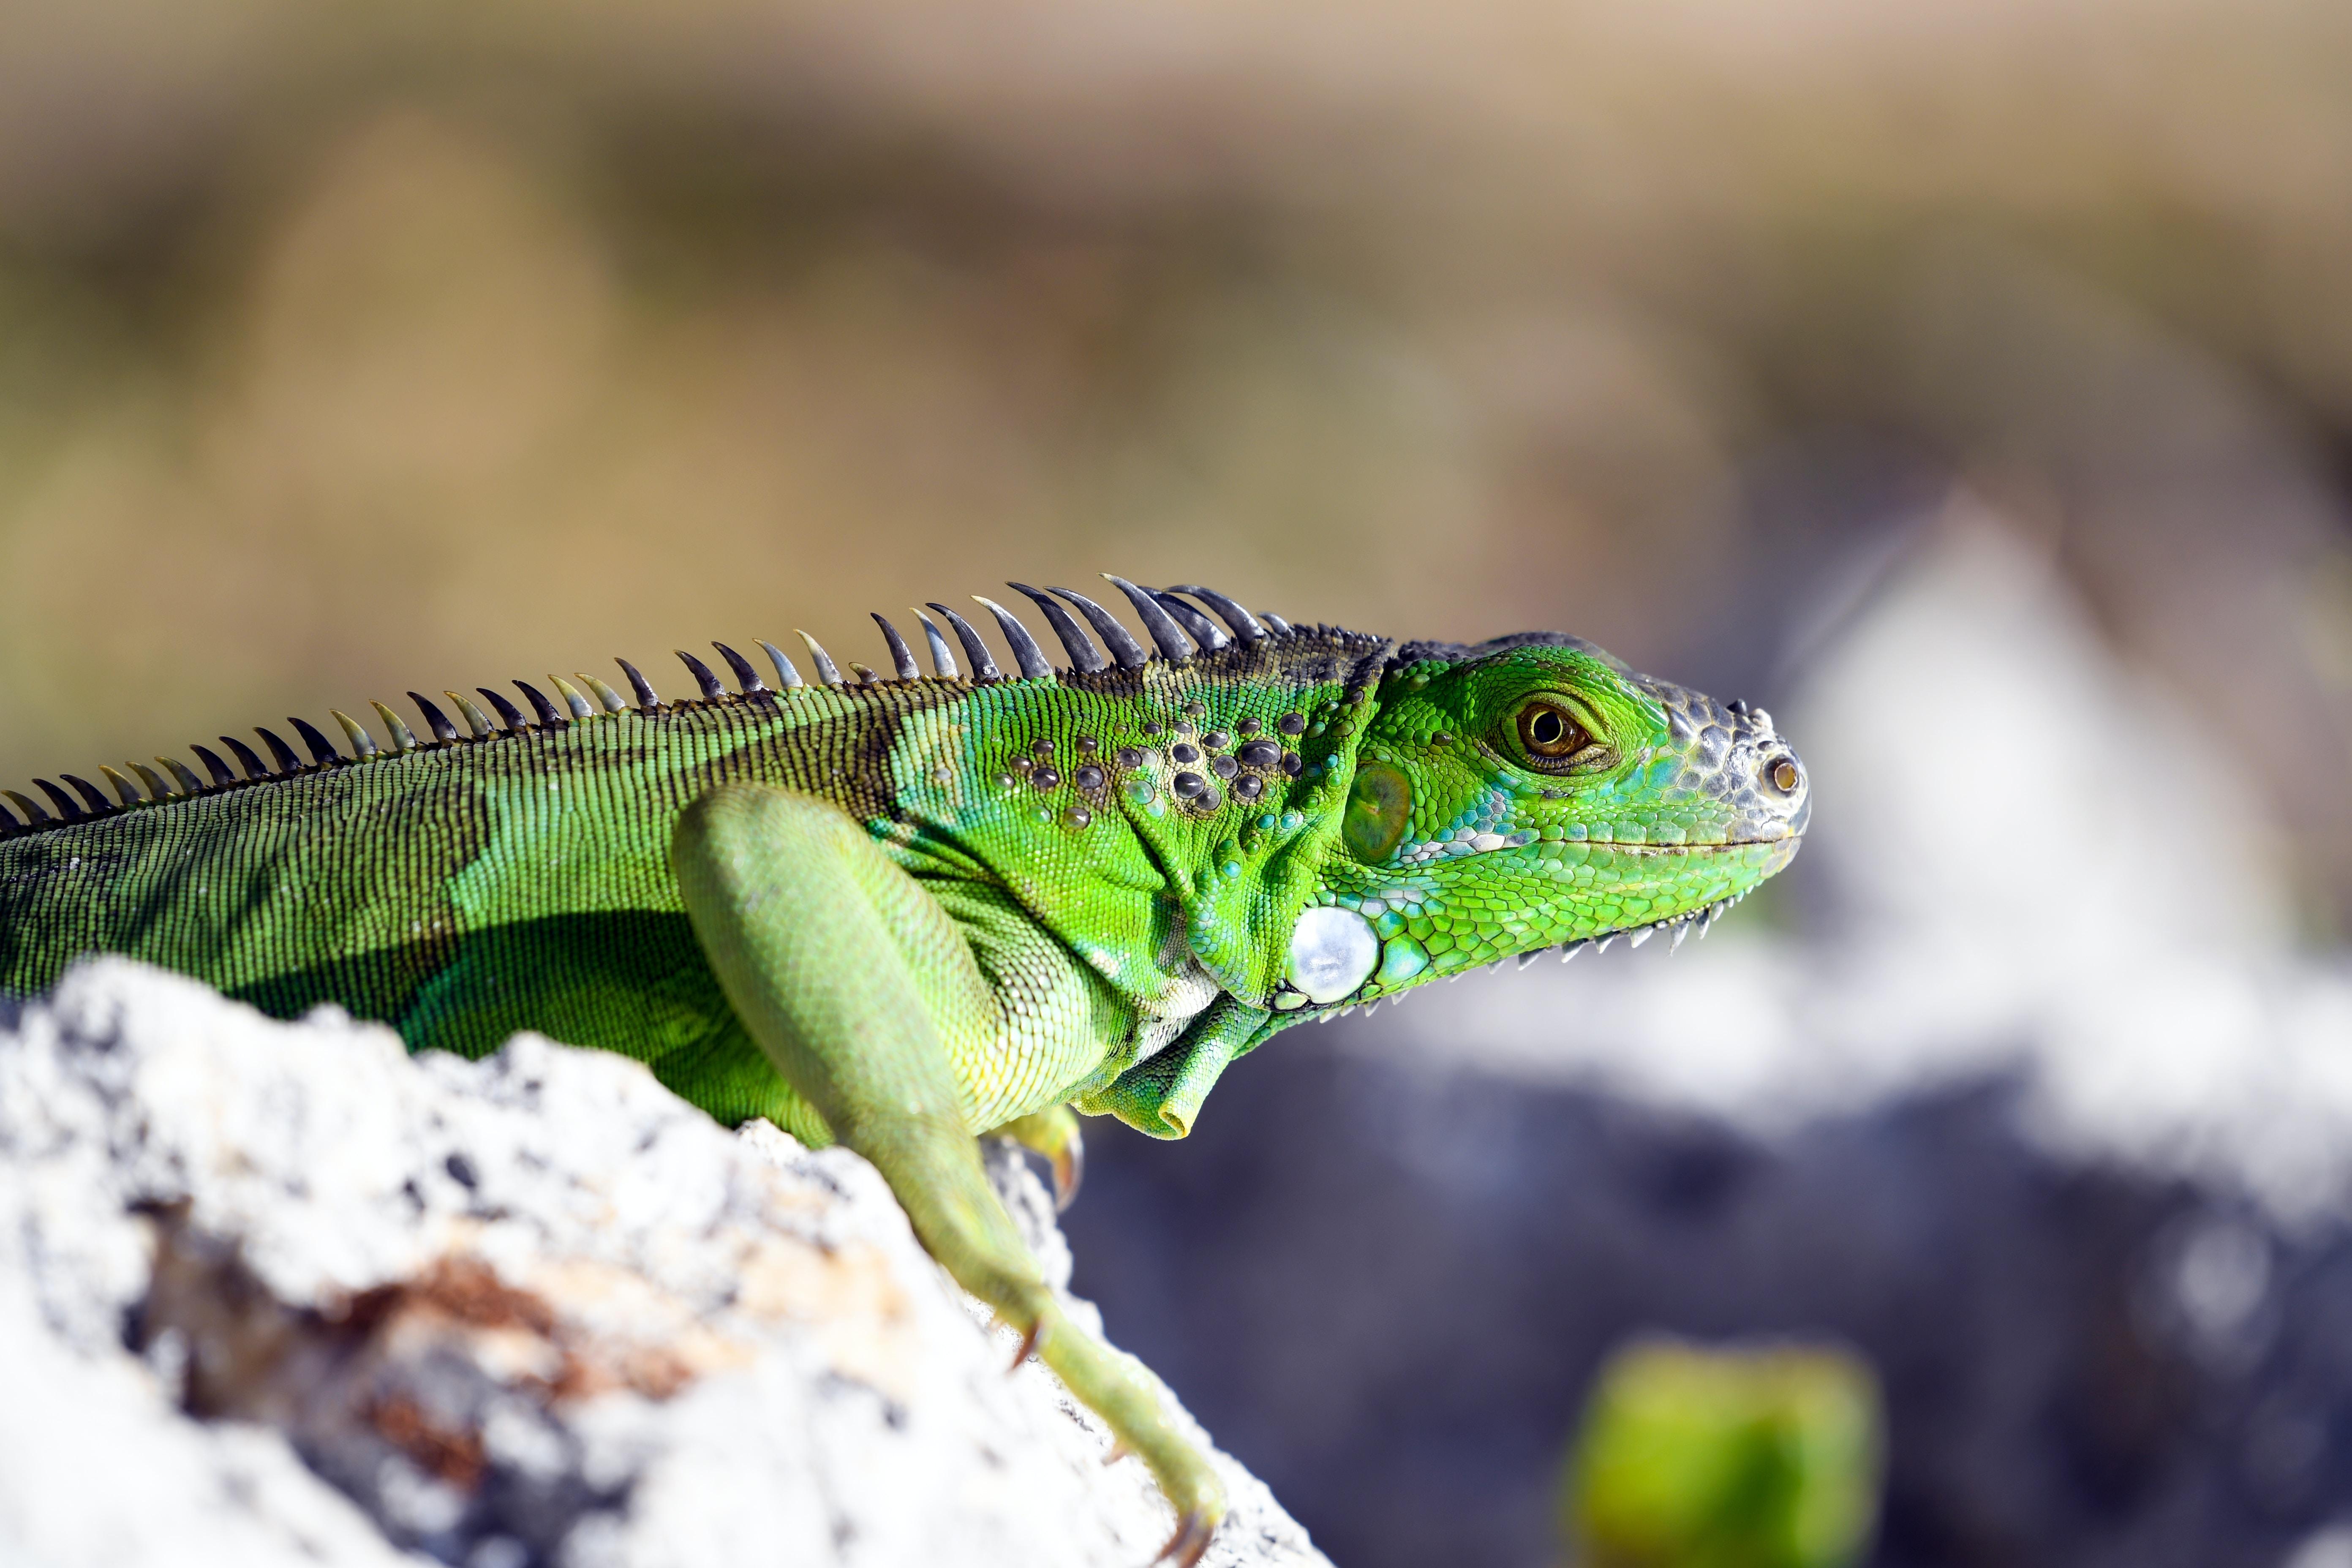 green reptile on rock